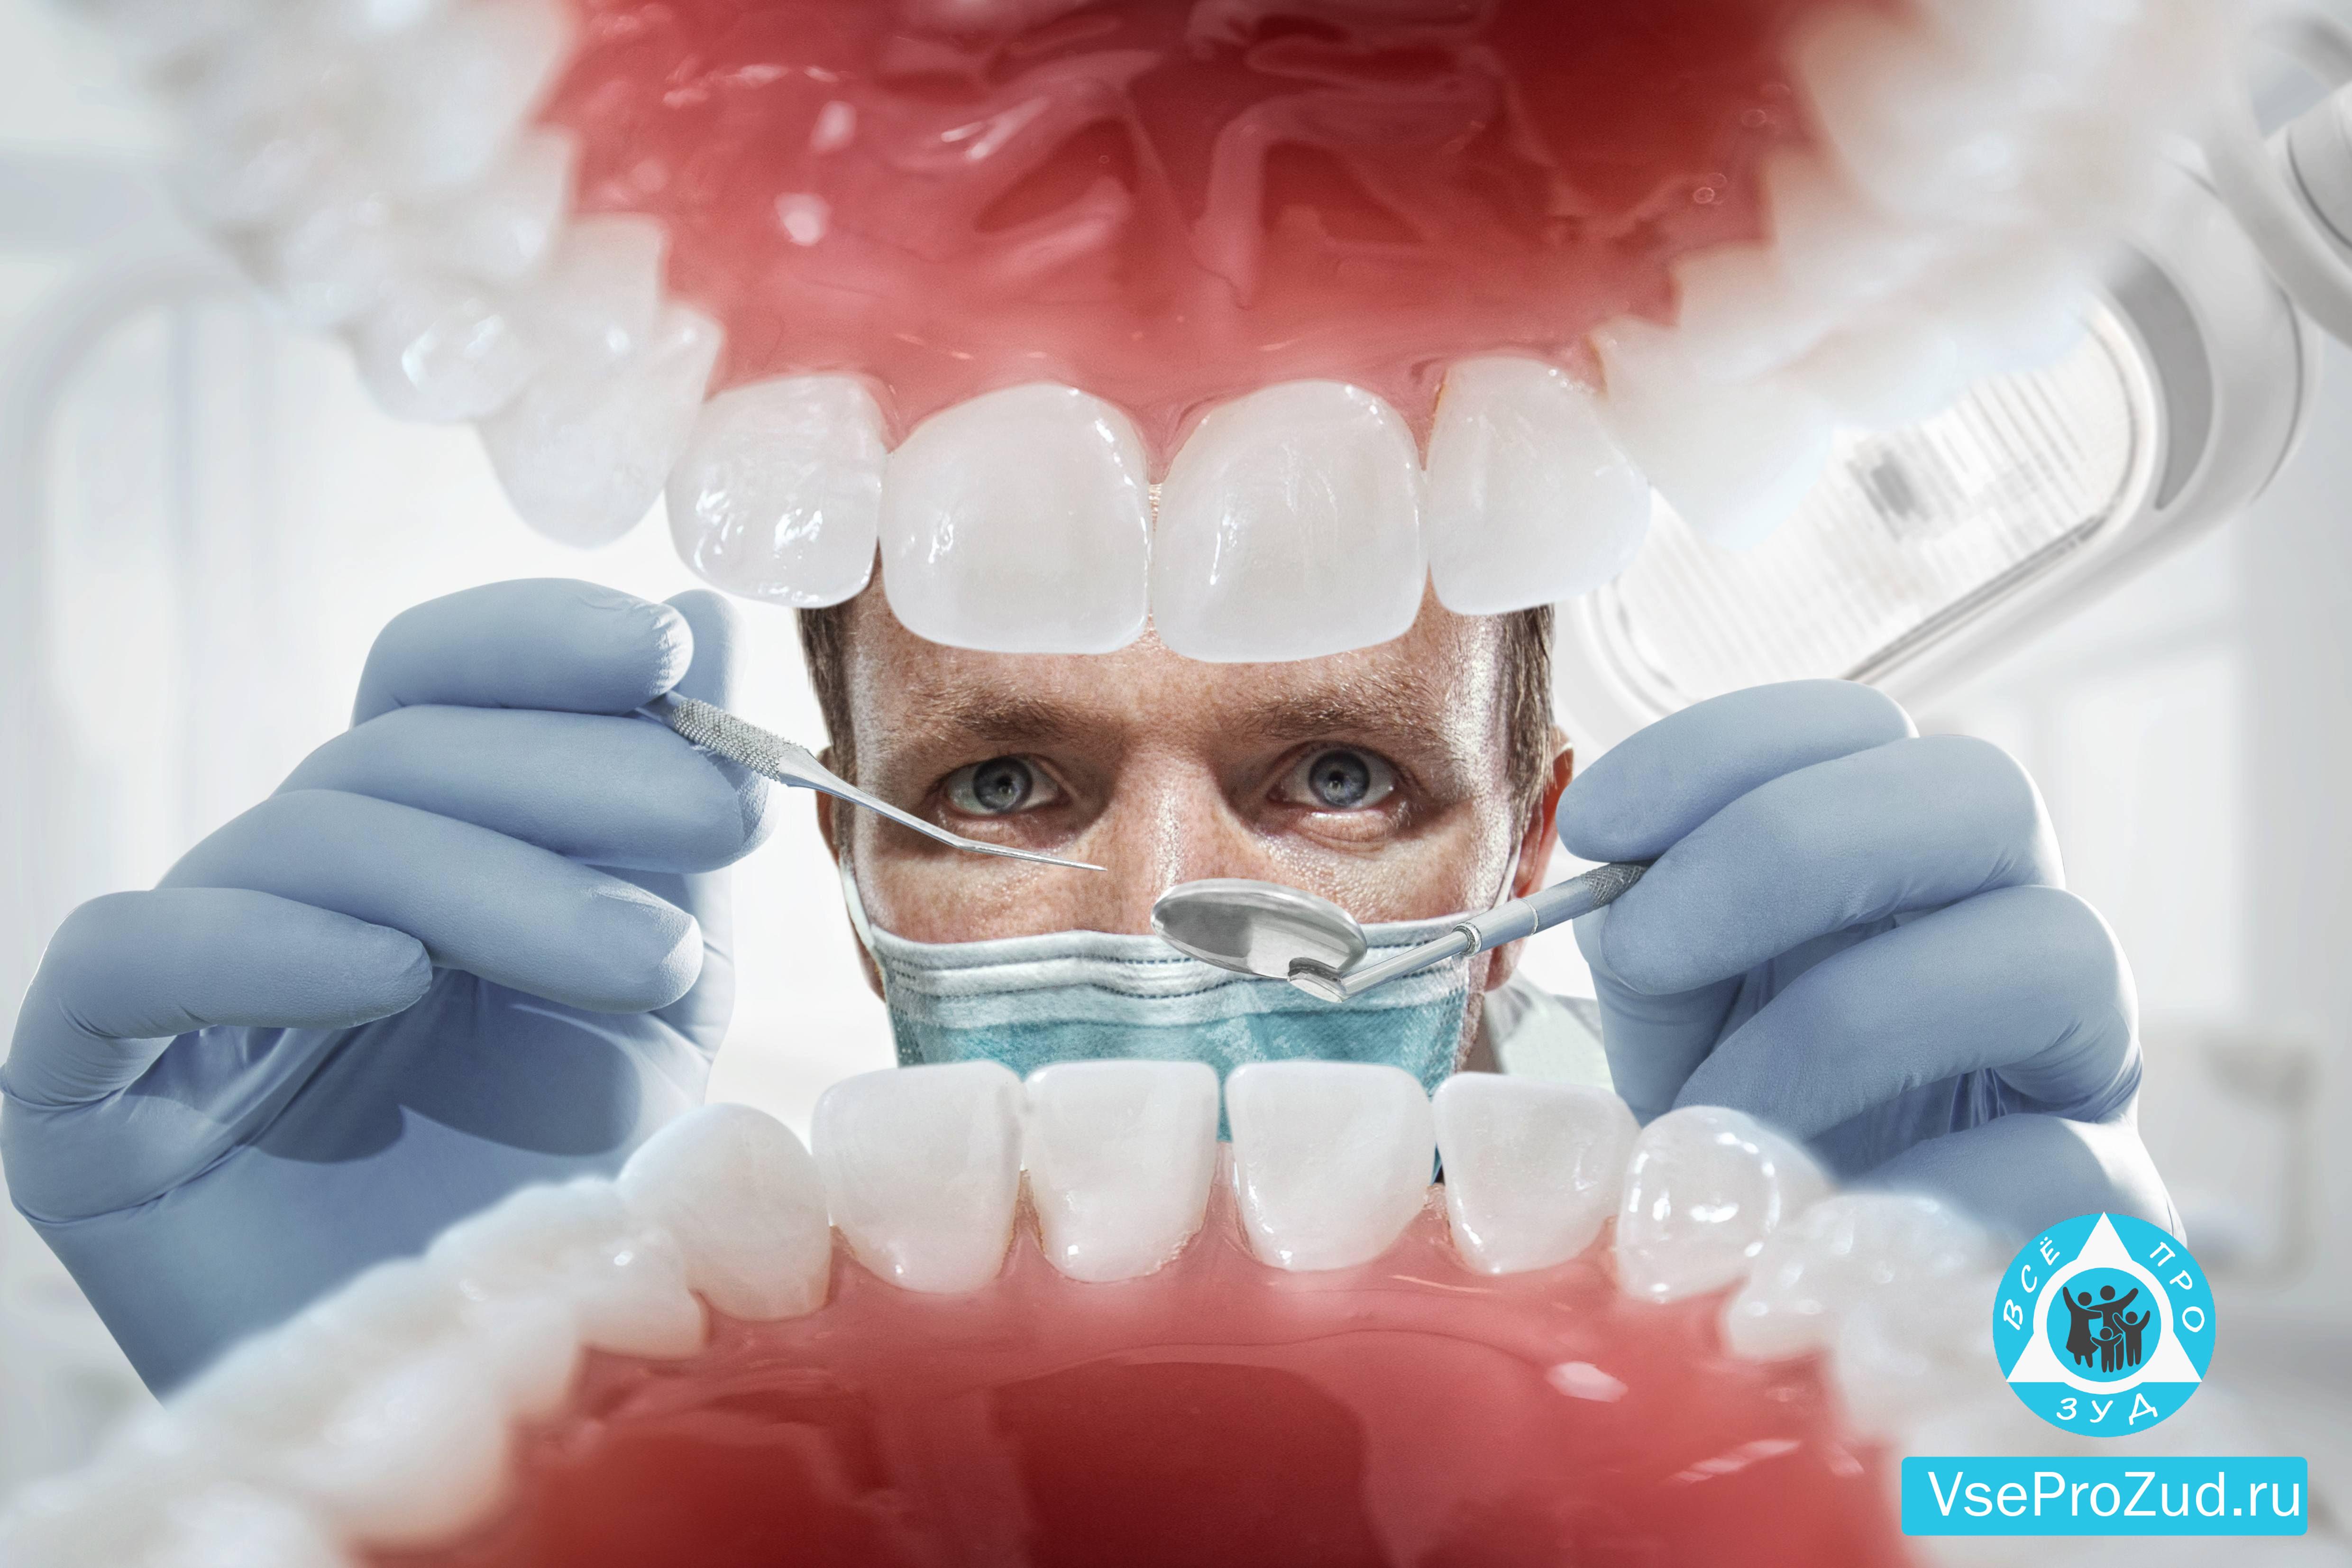 Стоматолог смотрит в рот